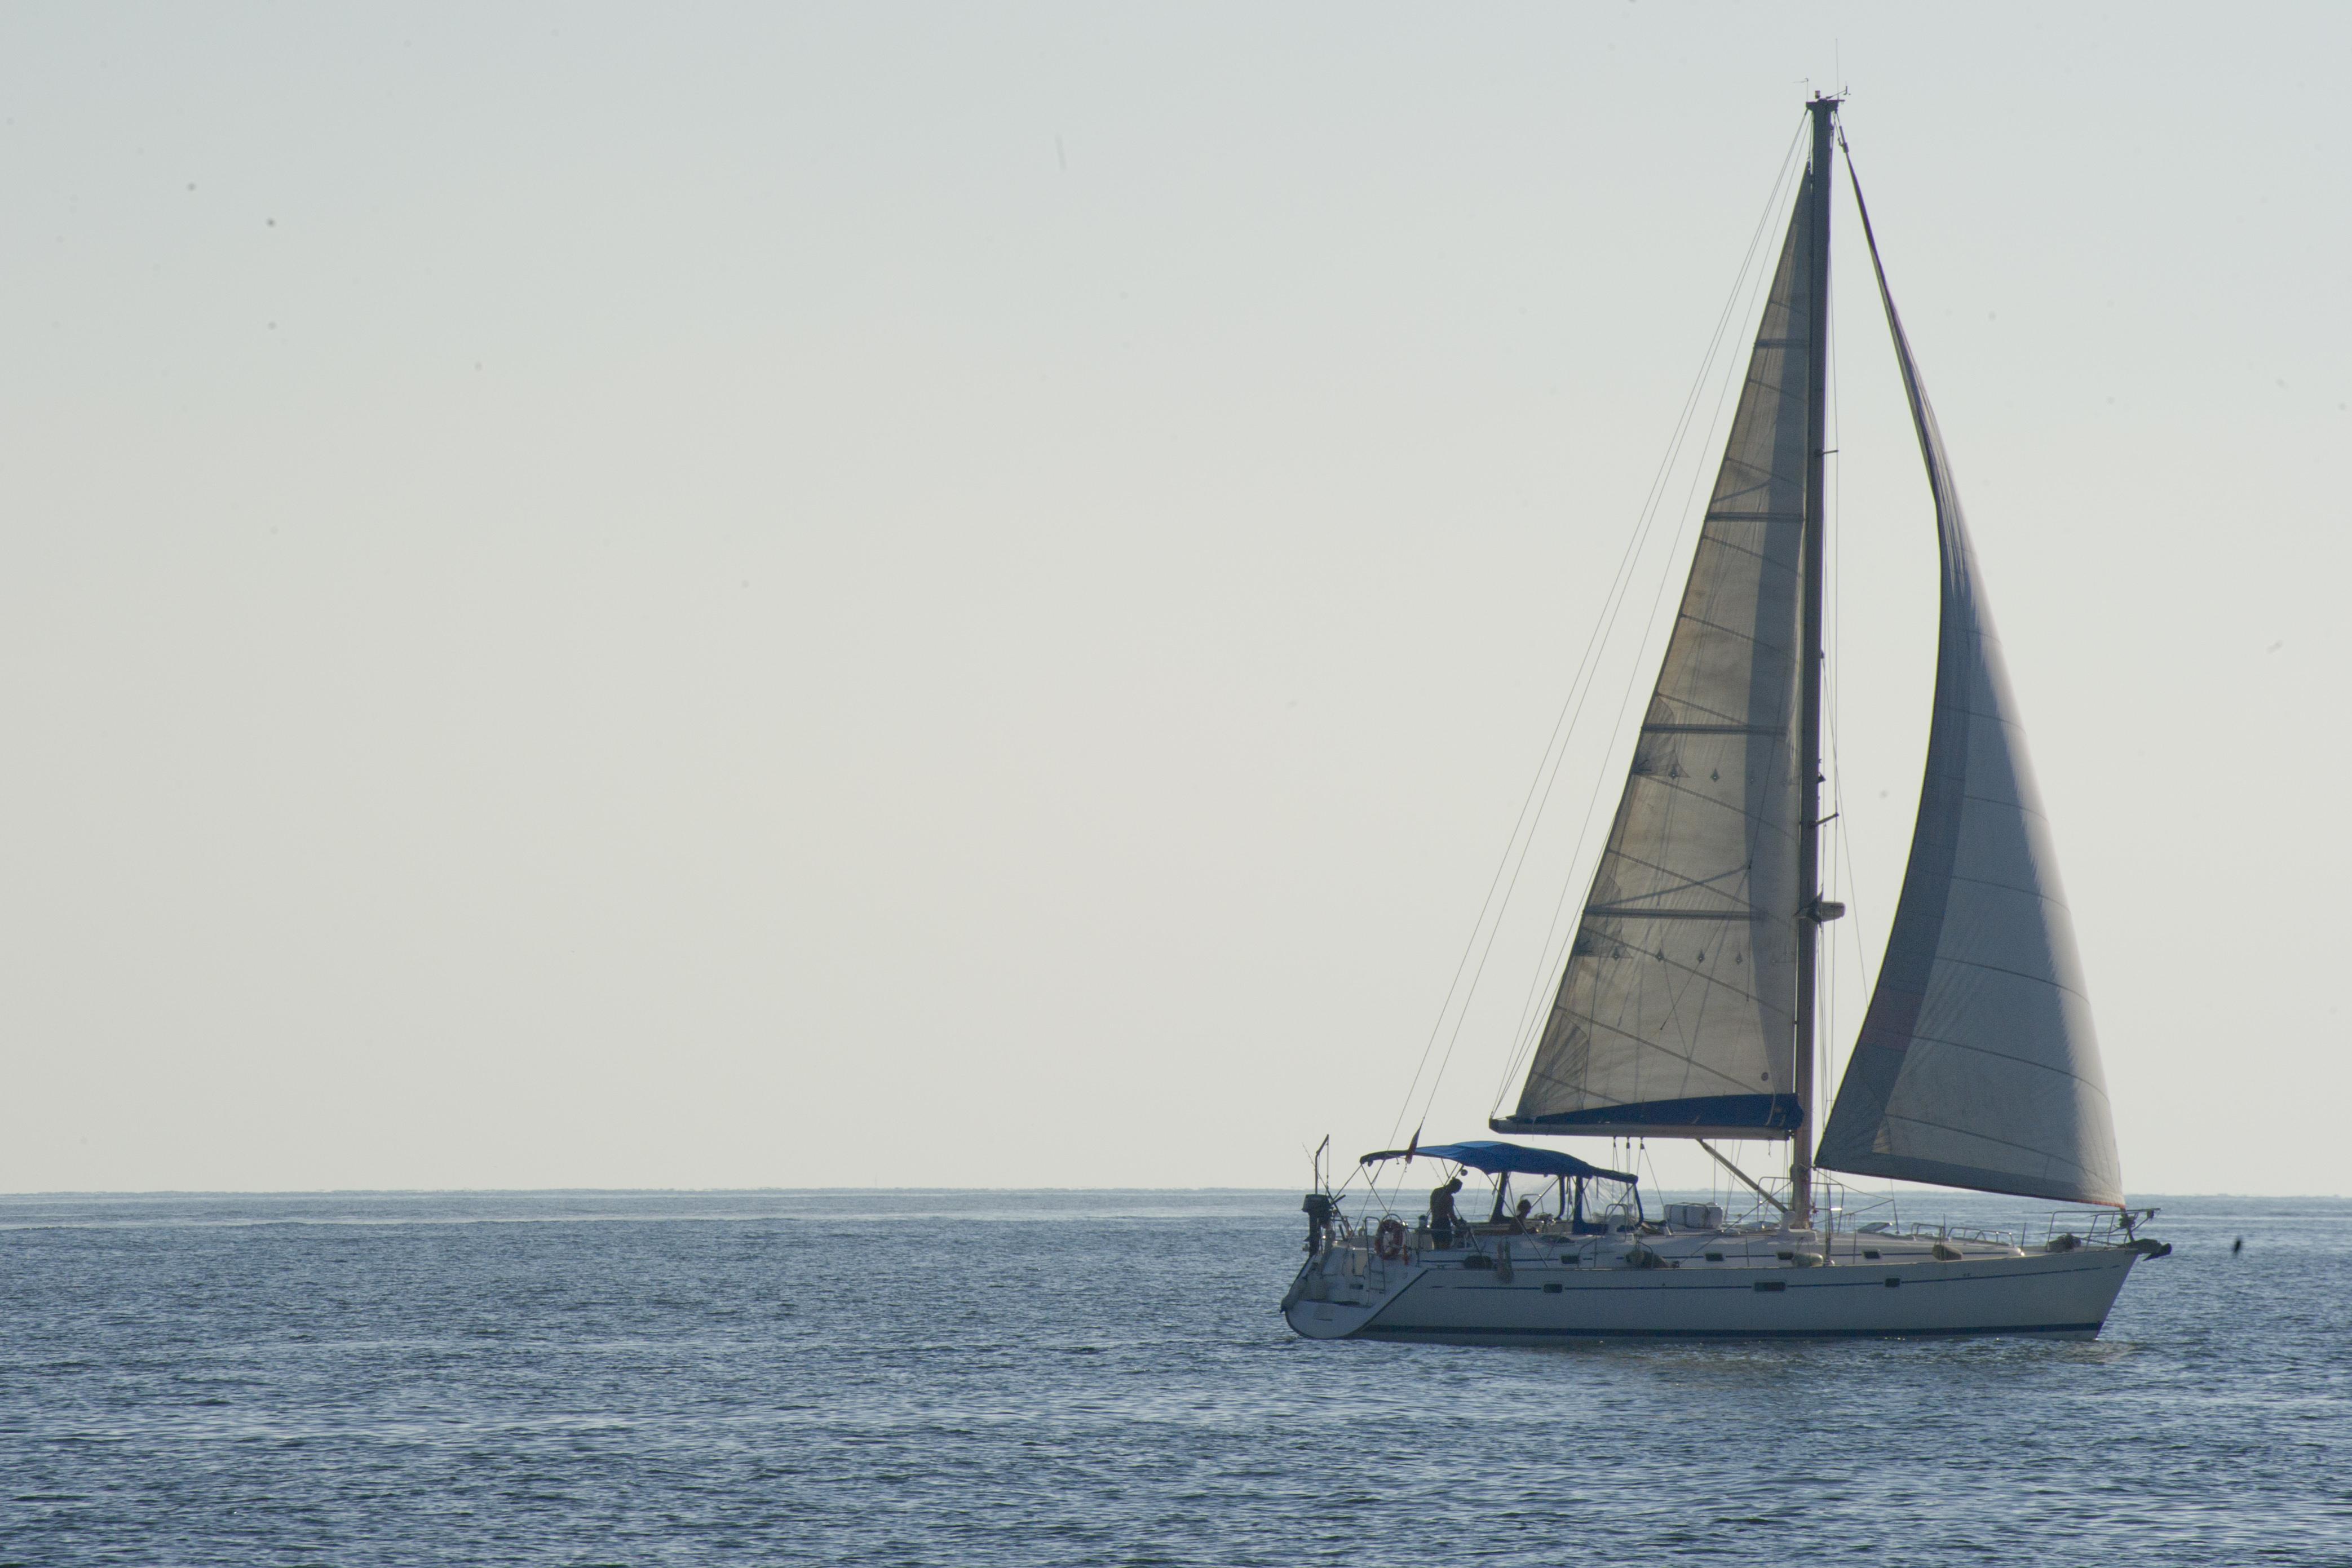 Sbarco all'alba a Pachino, 34 migranti avvistati su una barca a vela: a bordo anche minori